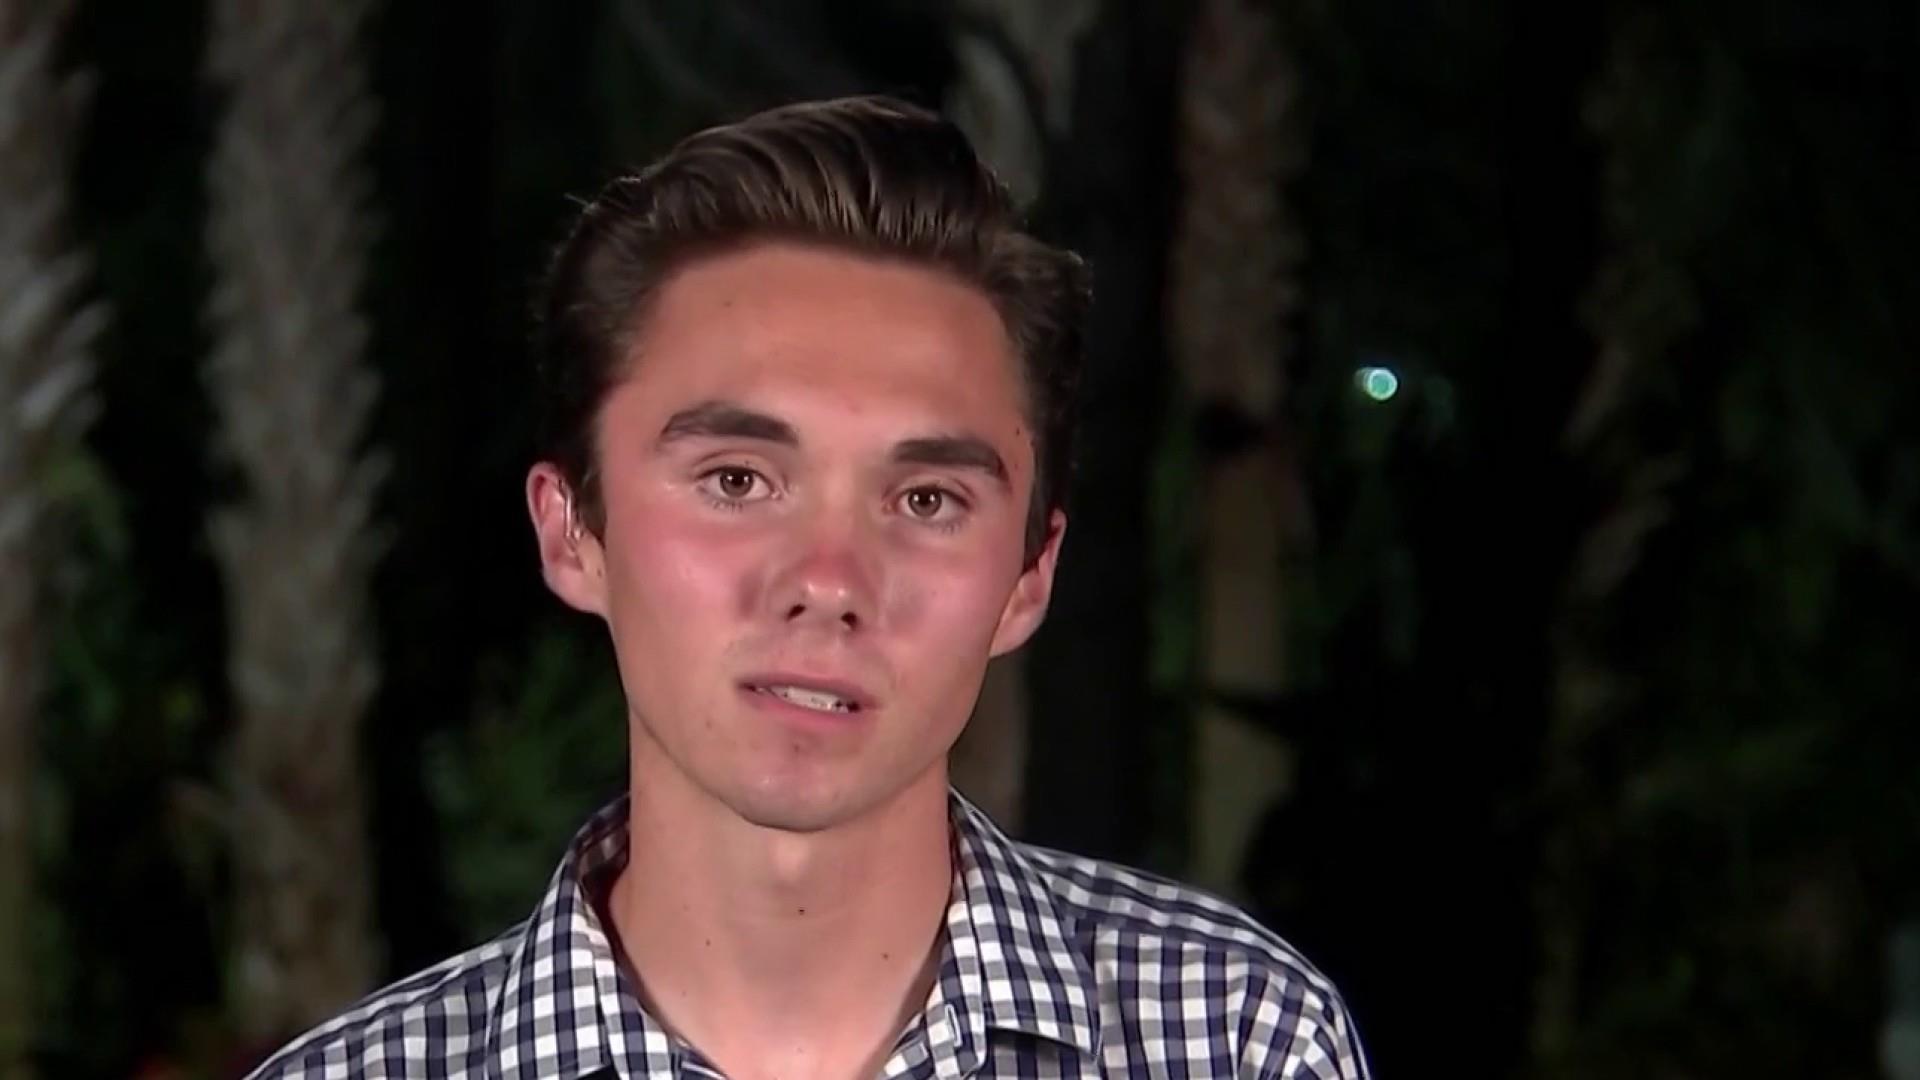 Parkland student David Hogg responds to attacks, boycott